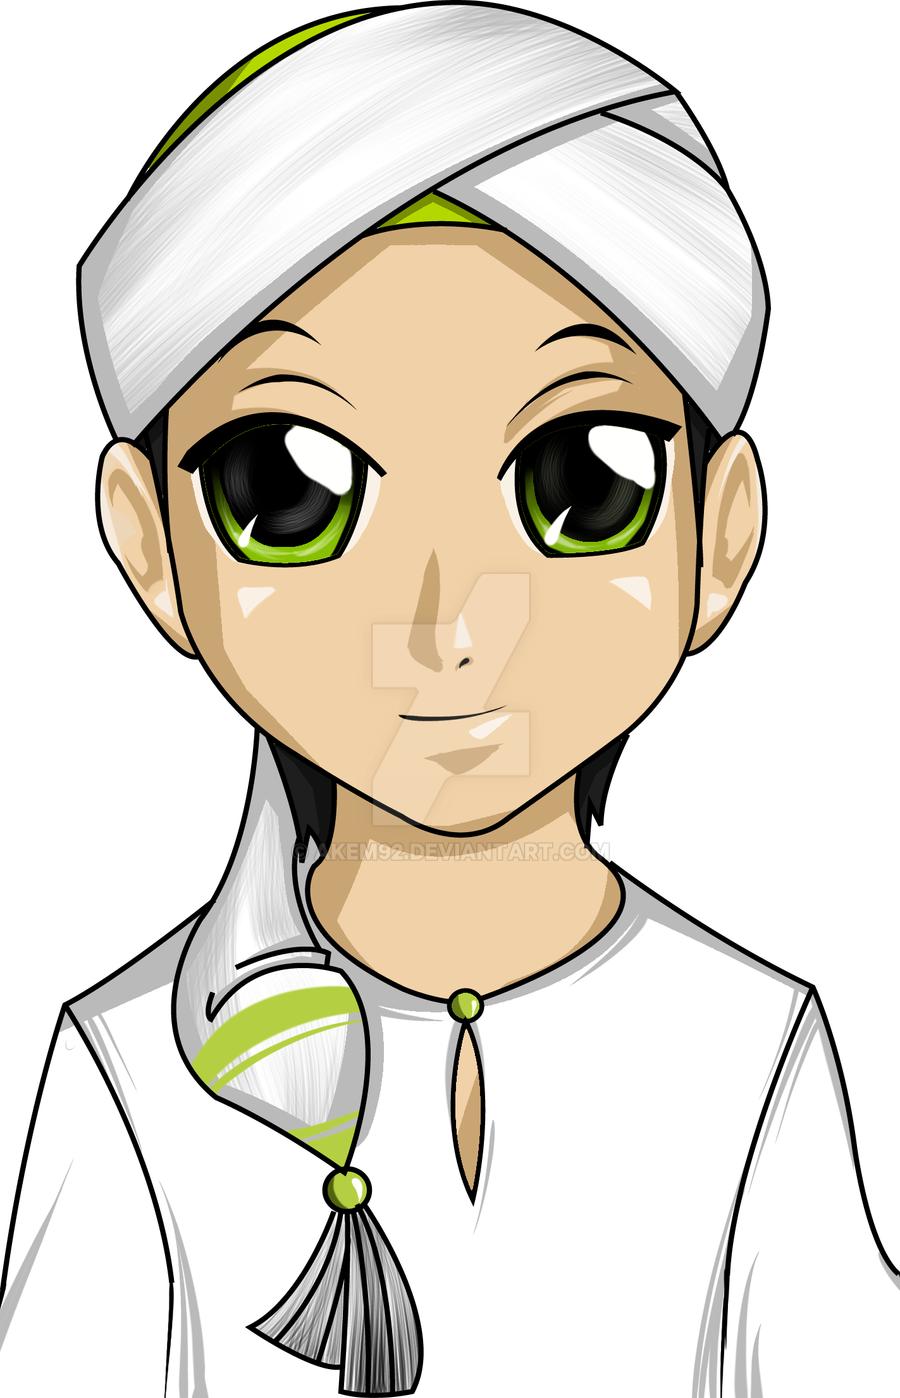 Anime Nikah Muslim Islamic Chibi By Akem92 On Deviantart